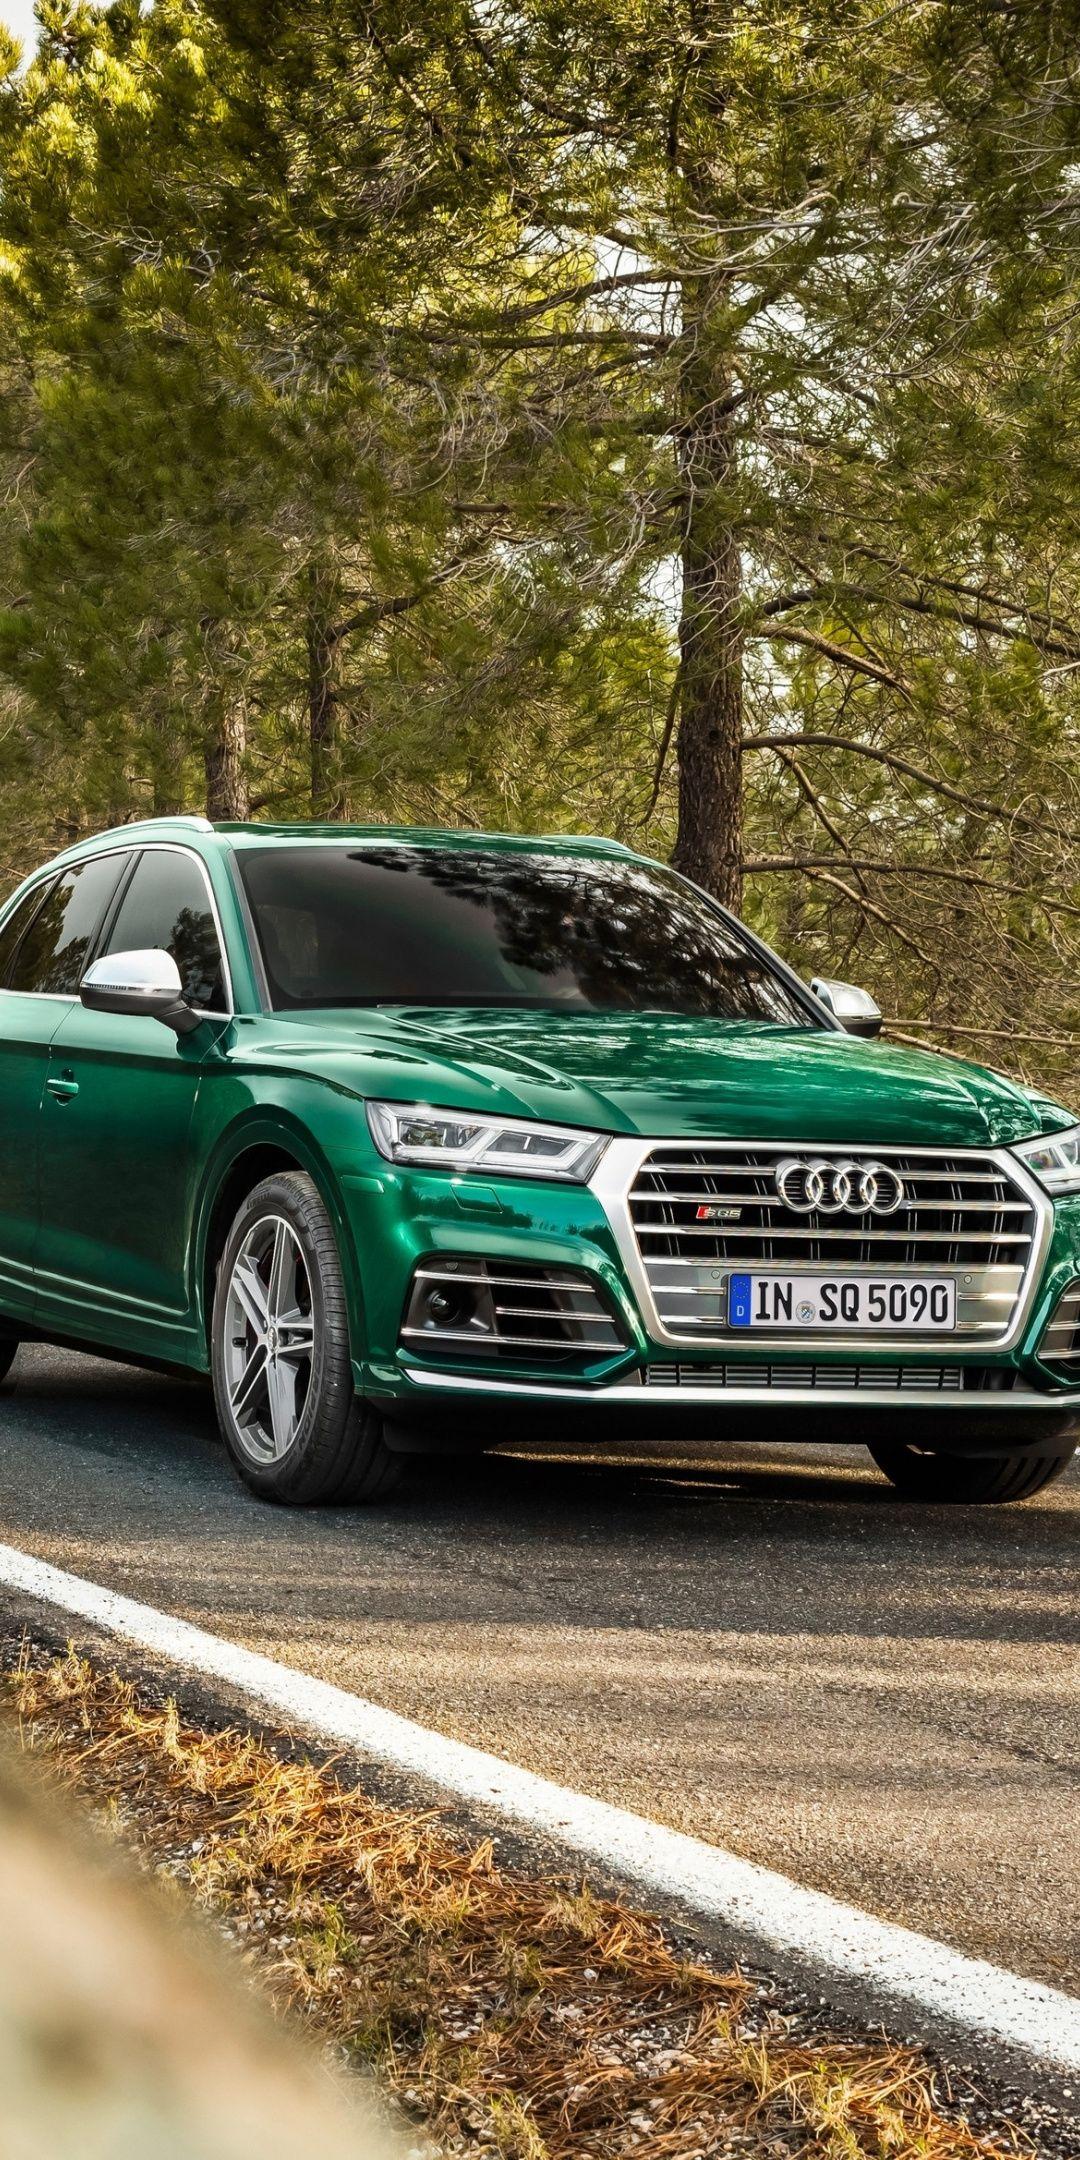 On Road 2019 Audi Sq5 1080x2160 Wallpaper Audi Sq5 Luxury Cars Audi